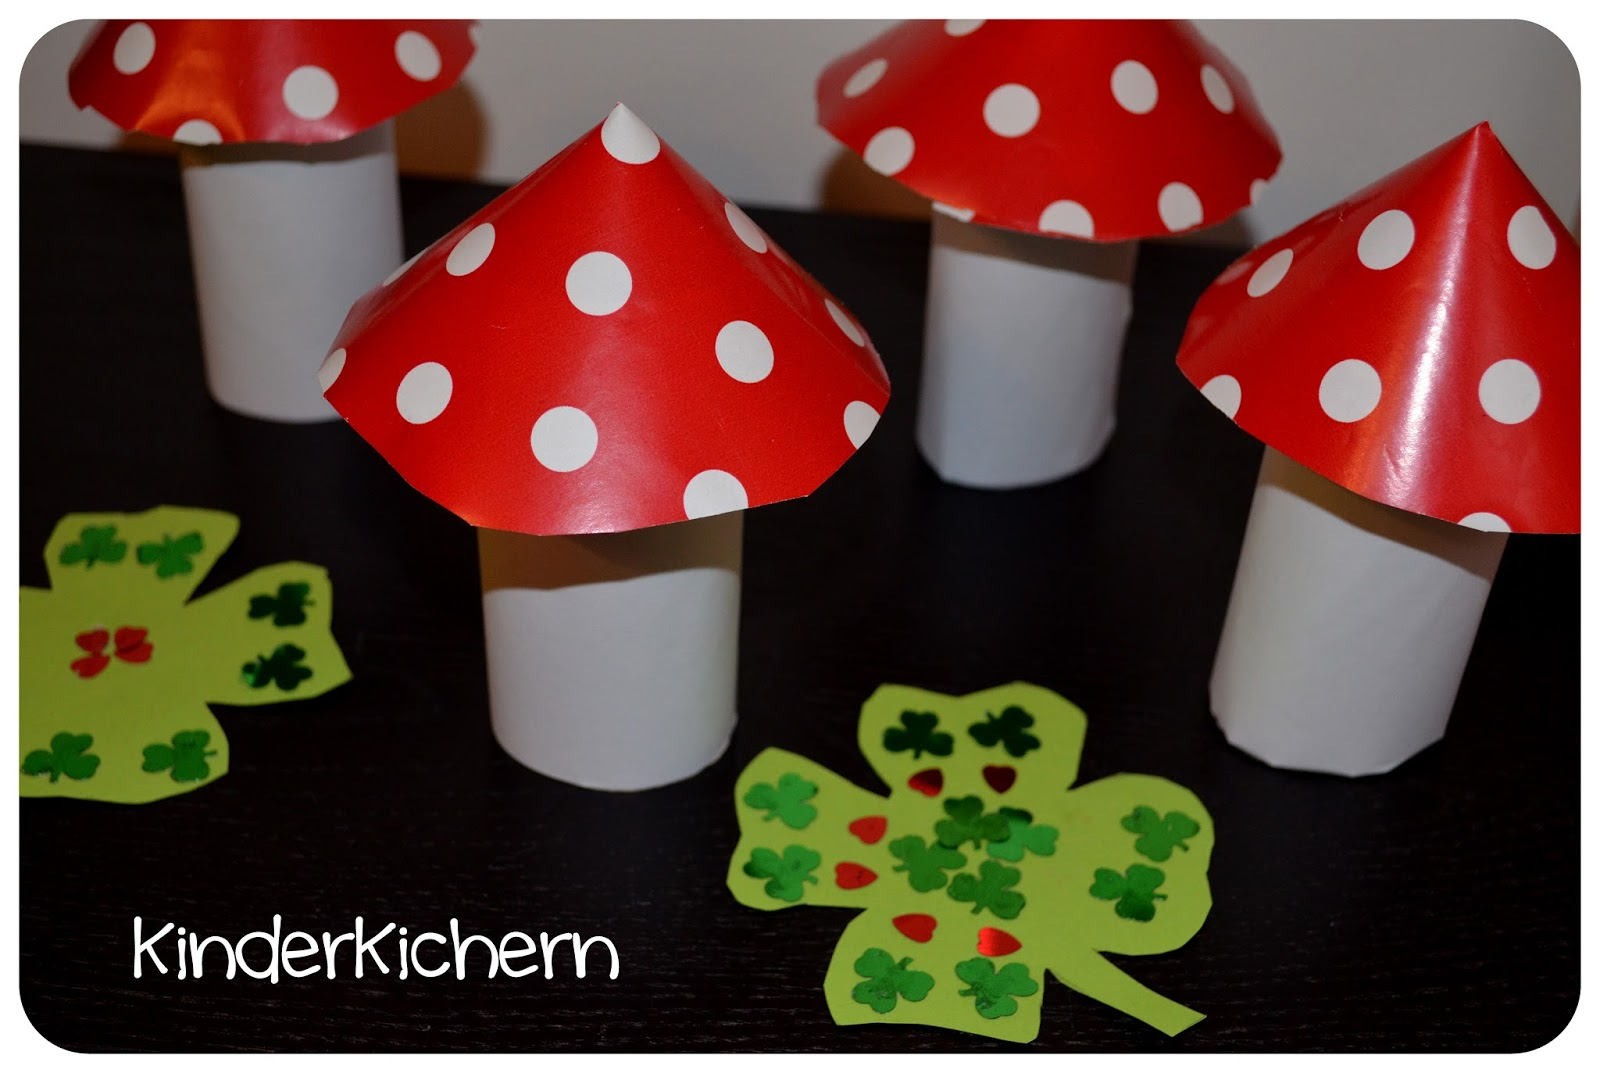 Kinderkichern unsere woche kw 53 Fliegenpilz dekoration